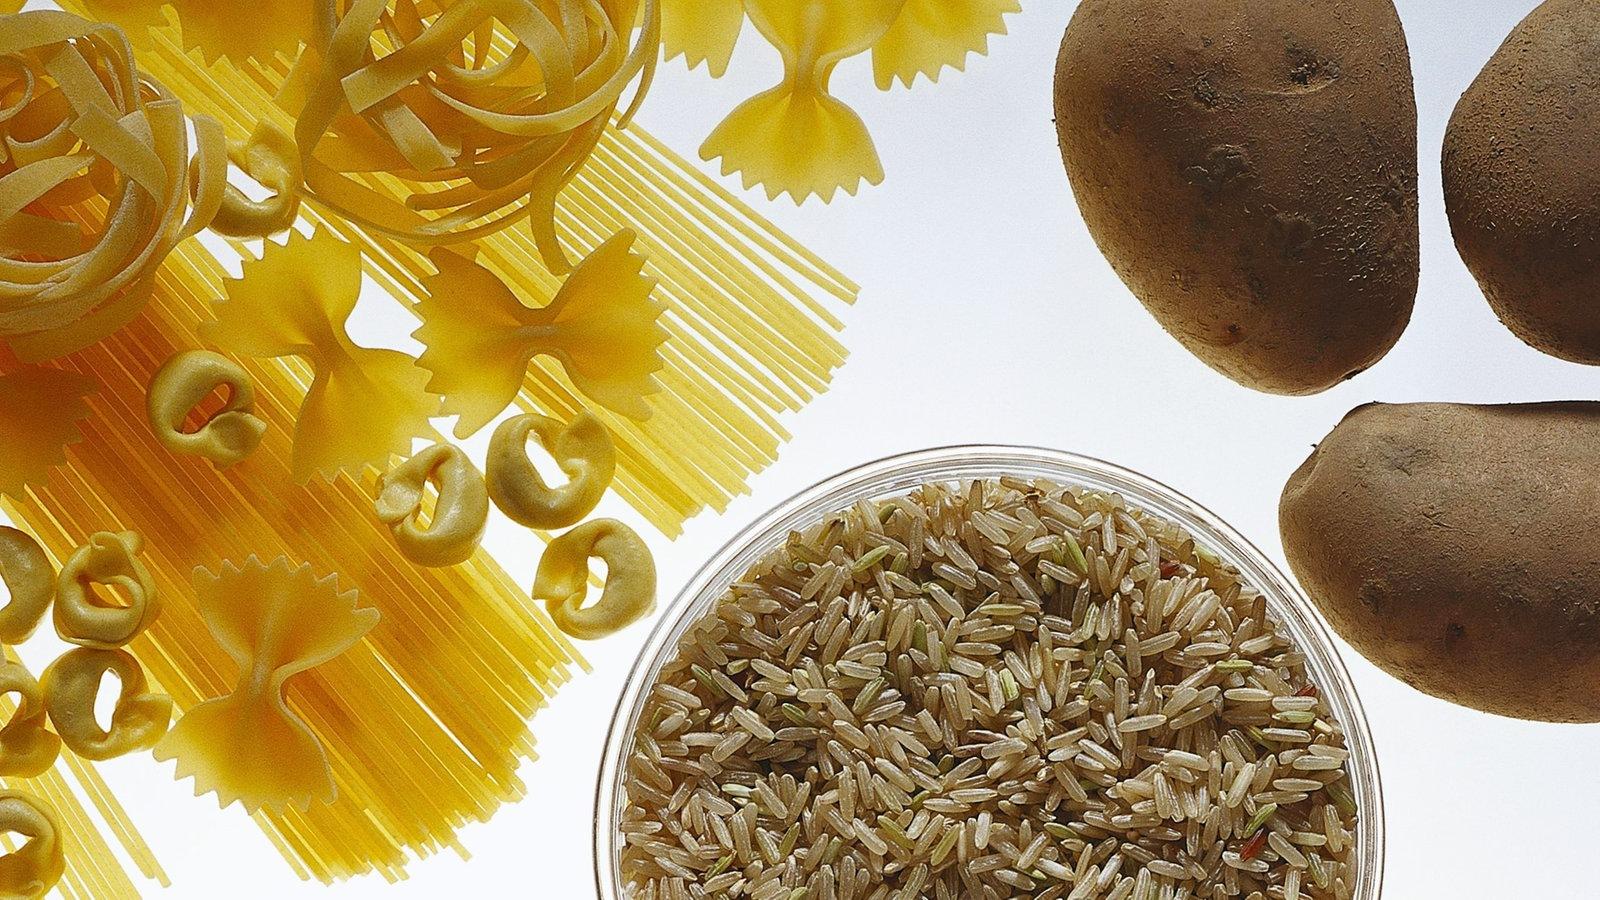 Übersicht der WDR-Nudel-, Reis- & Kartoffel-Rezepte - Kategorien - Rezepte - Verbraucher - WDR